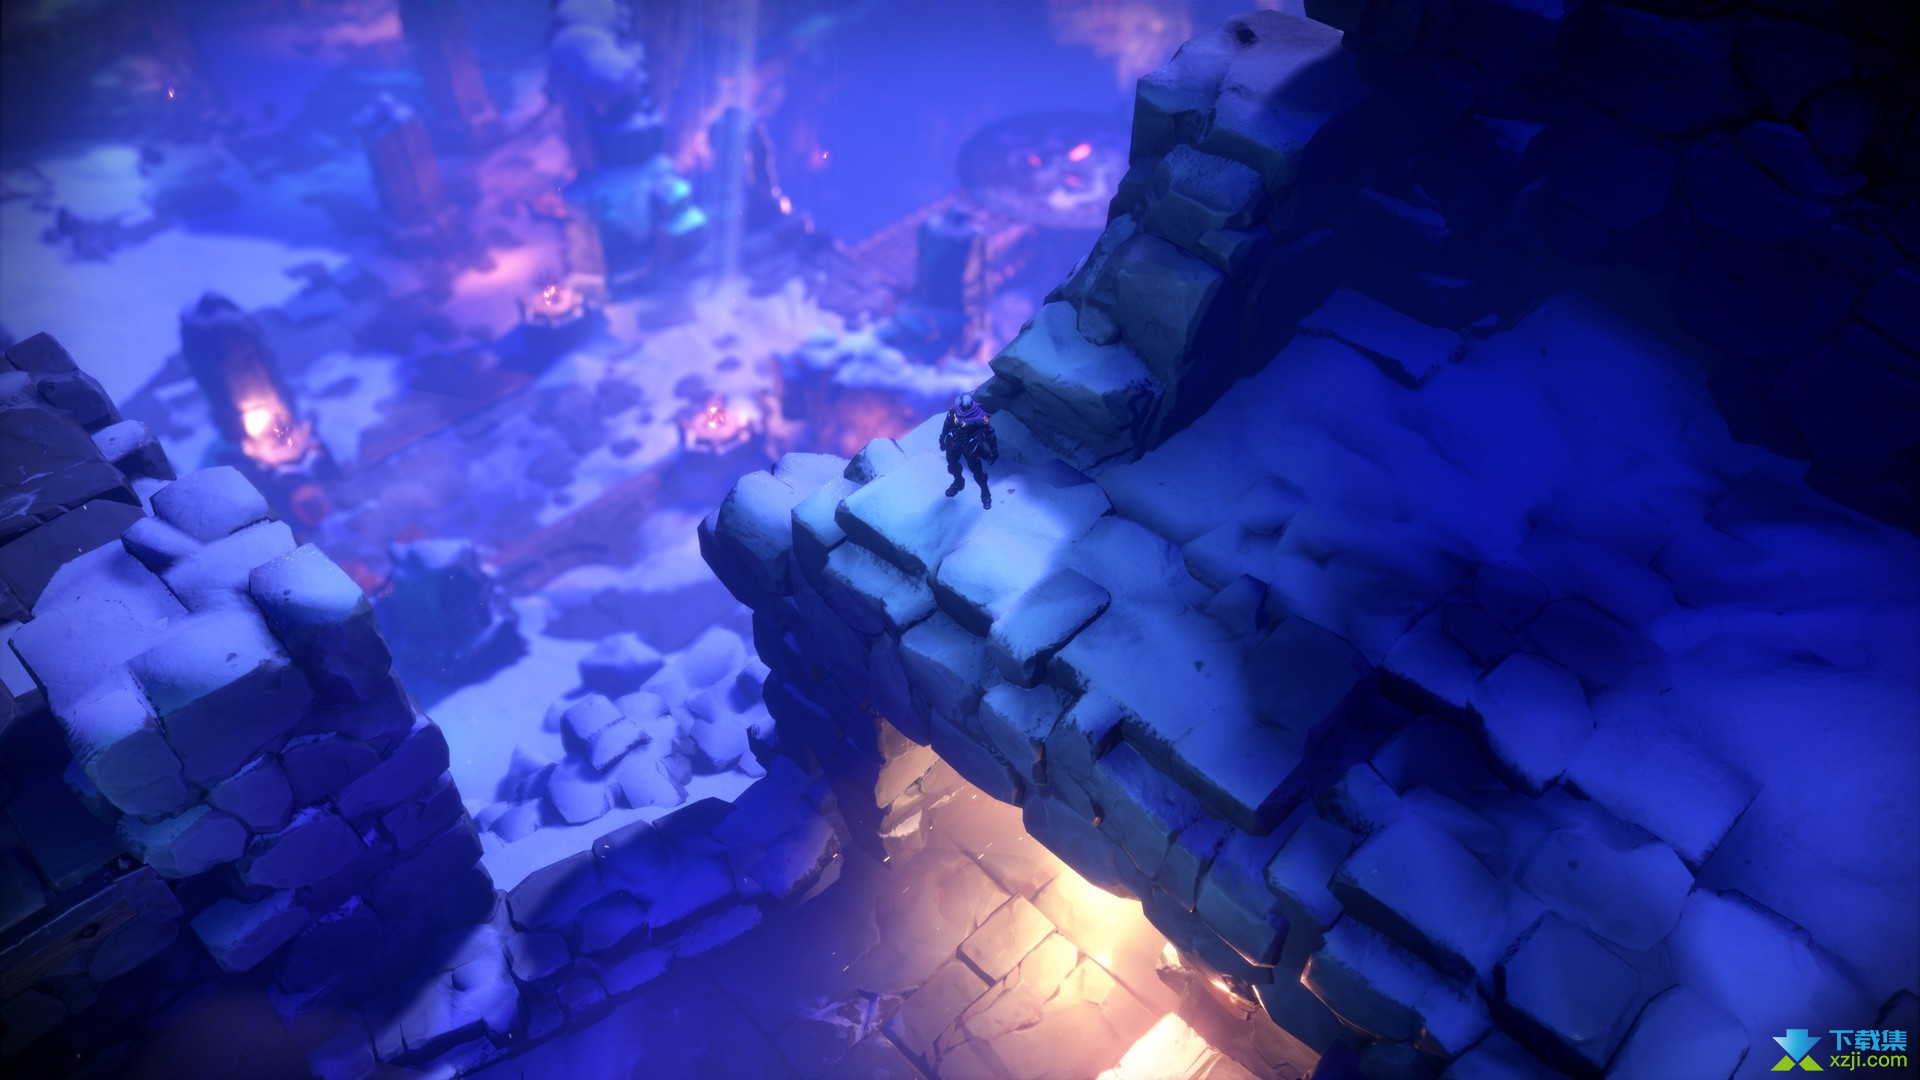 暗黑血统创世纪游戏界面2